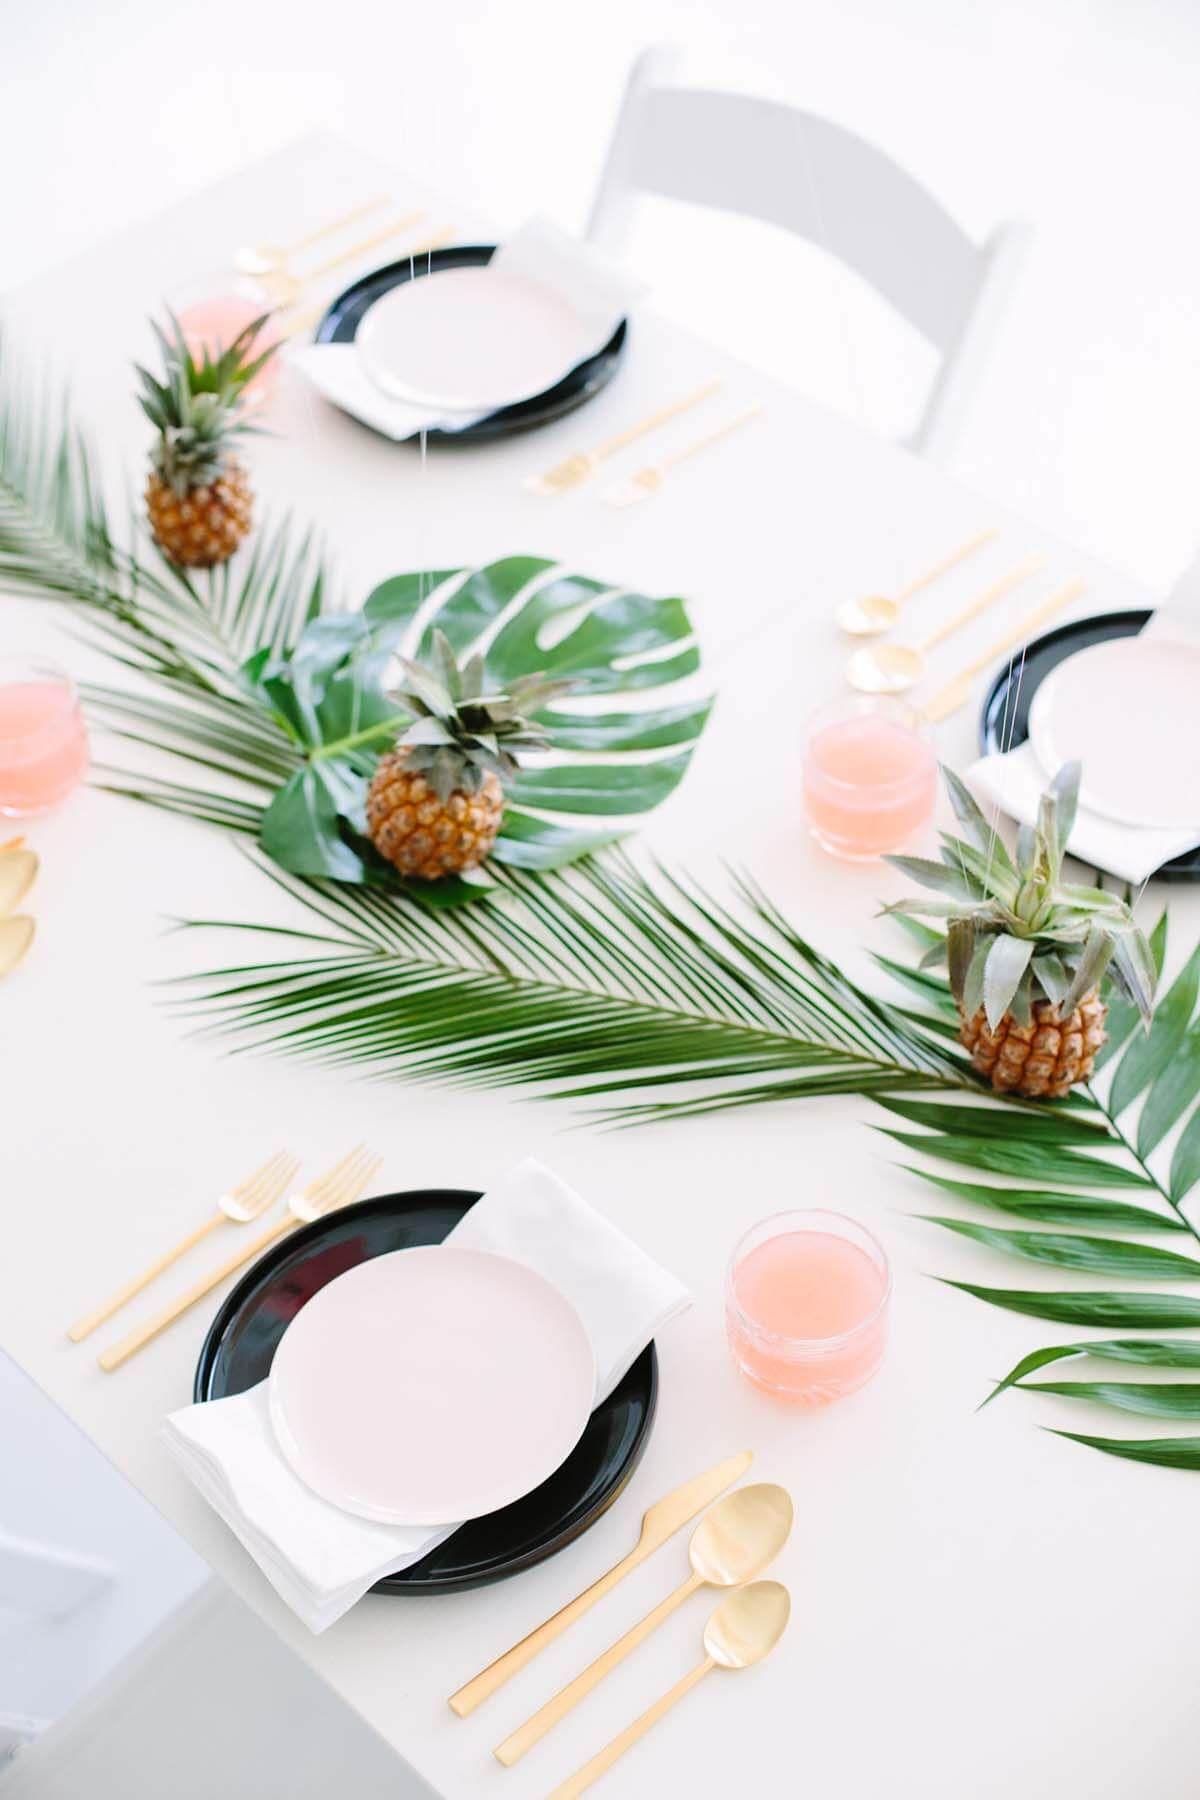 Palmenbl tter und ananas coole sommerliche tischdeko sch n gedeckt tischdeko in 2019 - Coole tischdeko ...